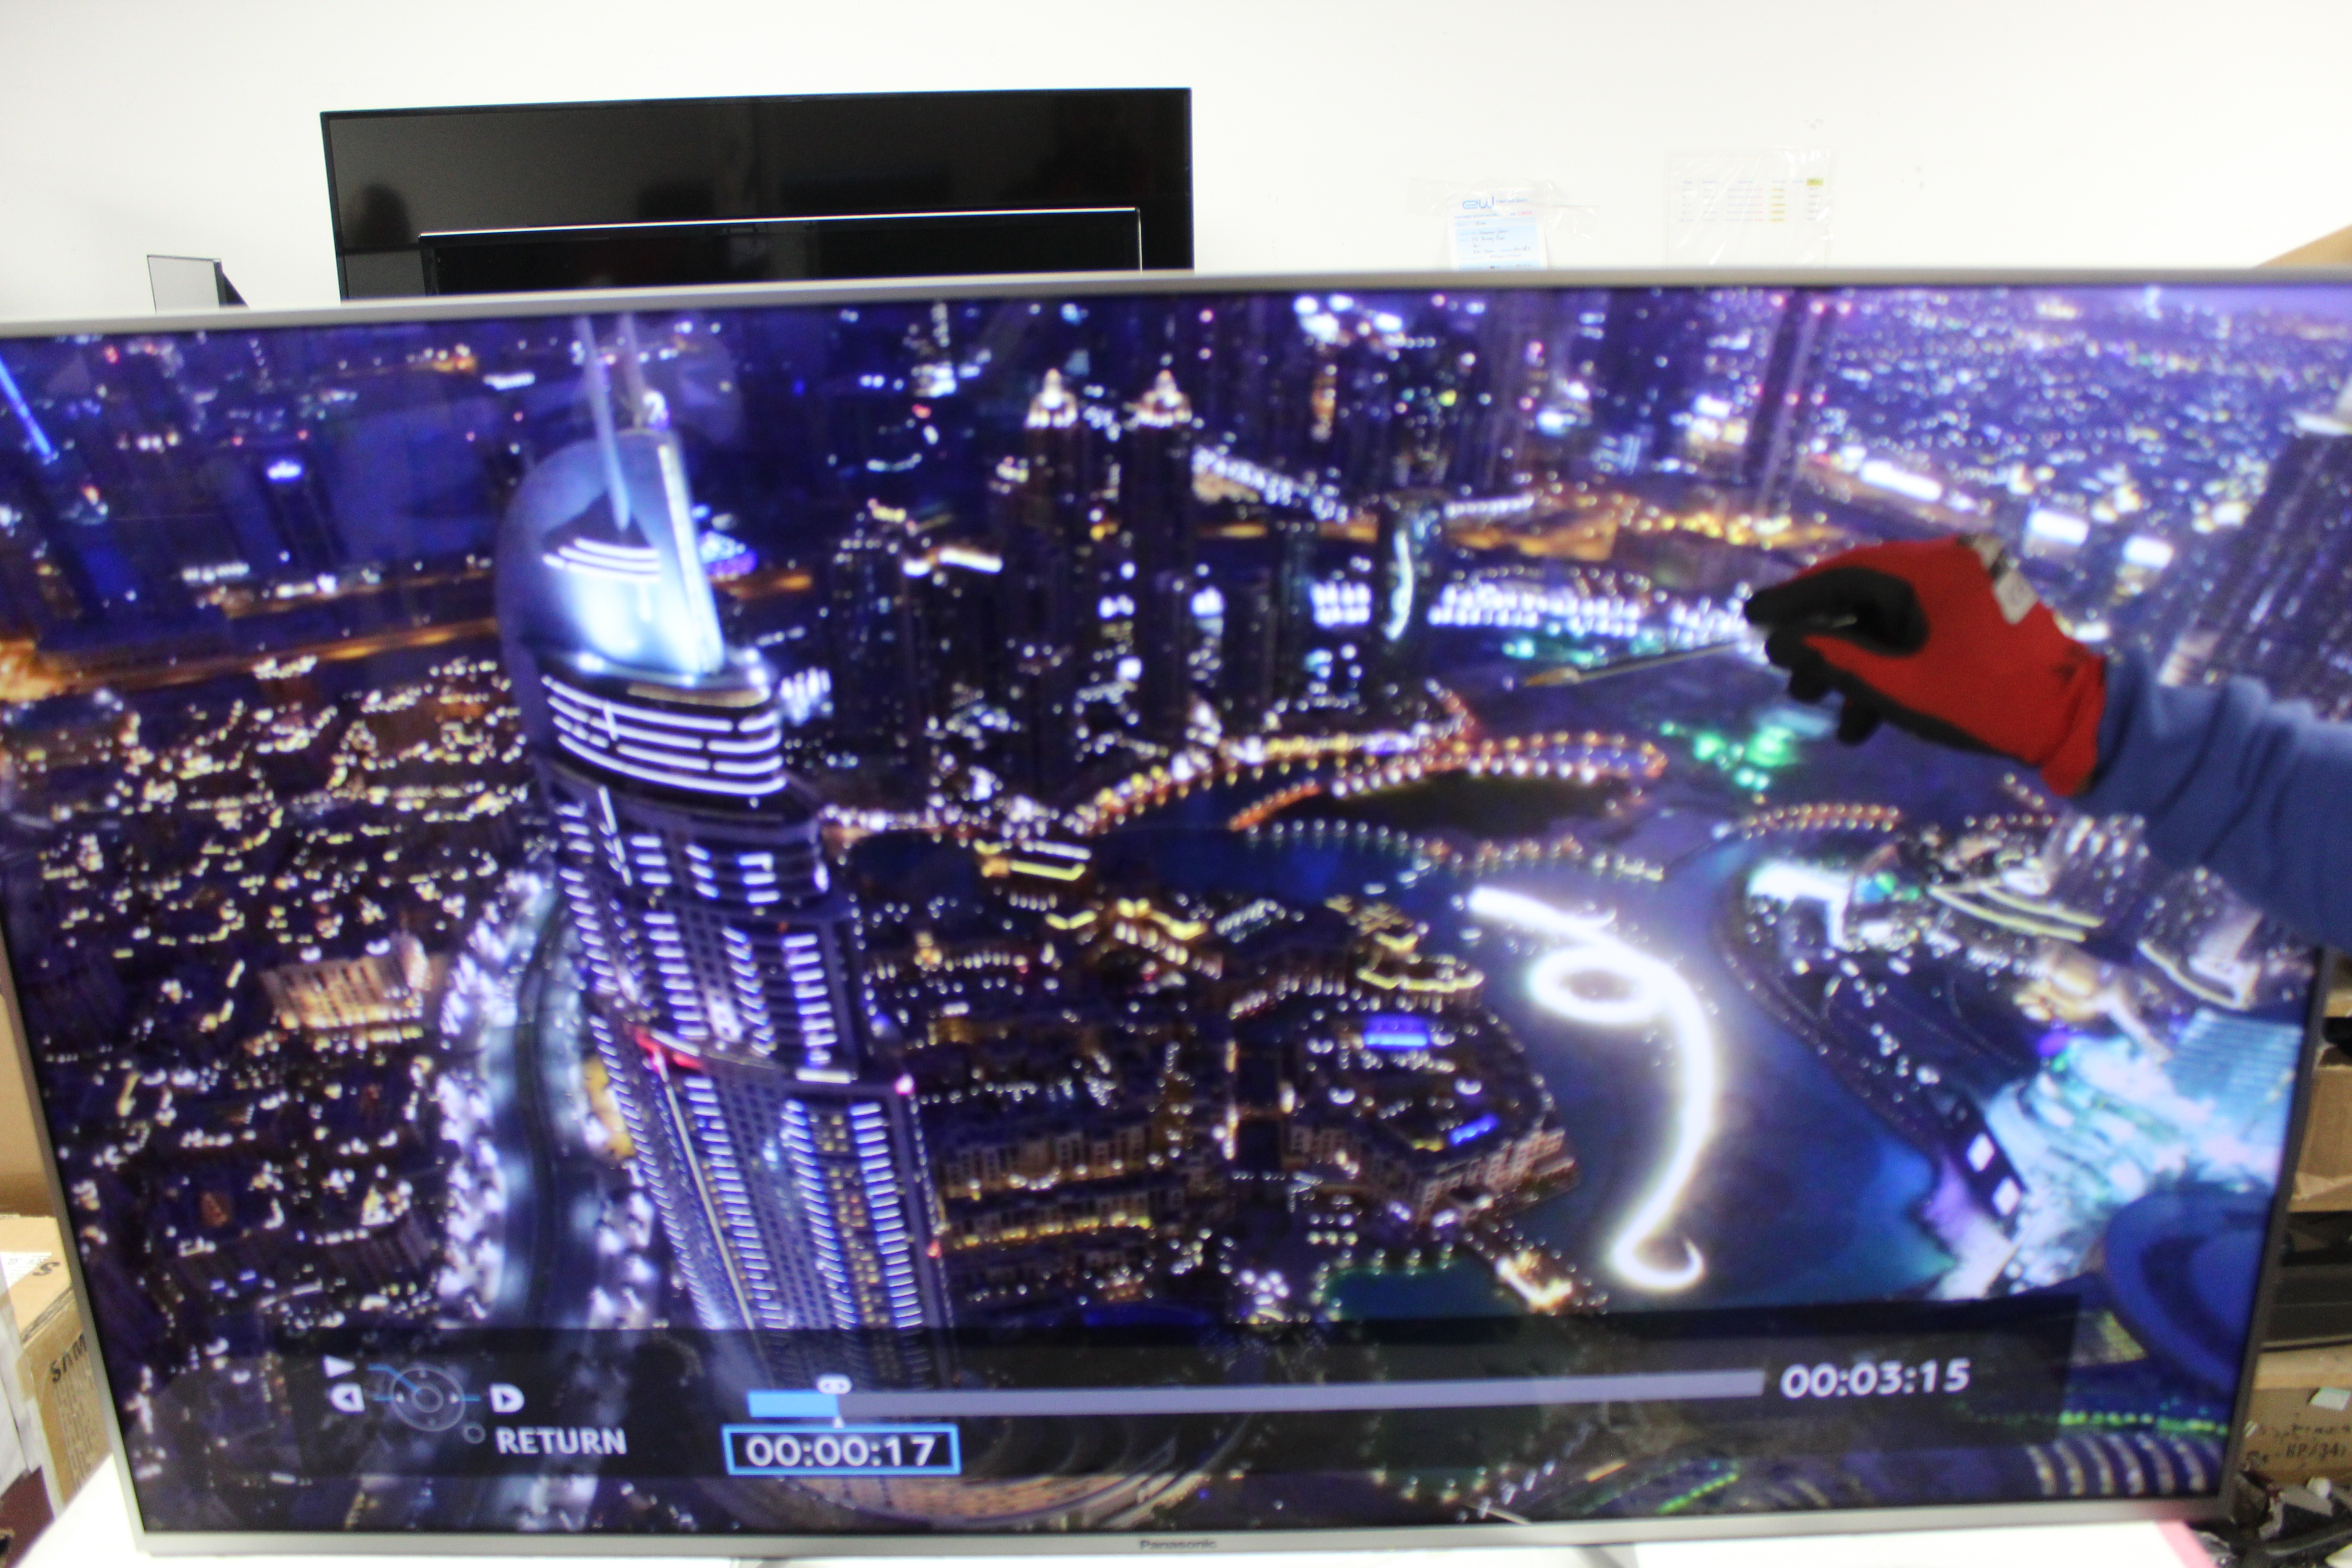 50 Panasonic TX-50DX700B 4K Ultra HD Freeview HD Smart LED HDR TV